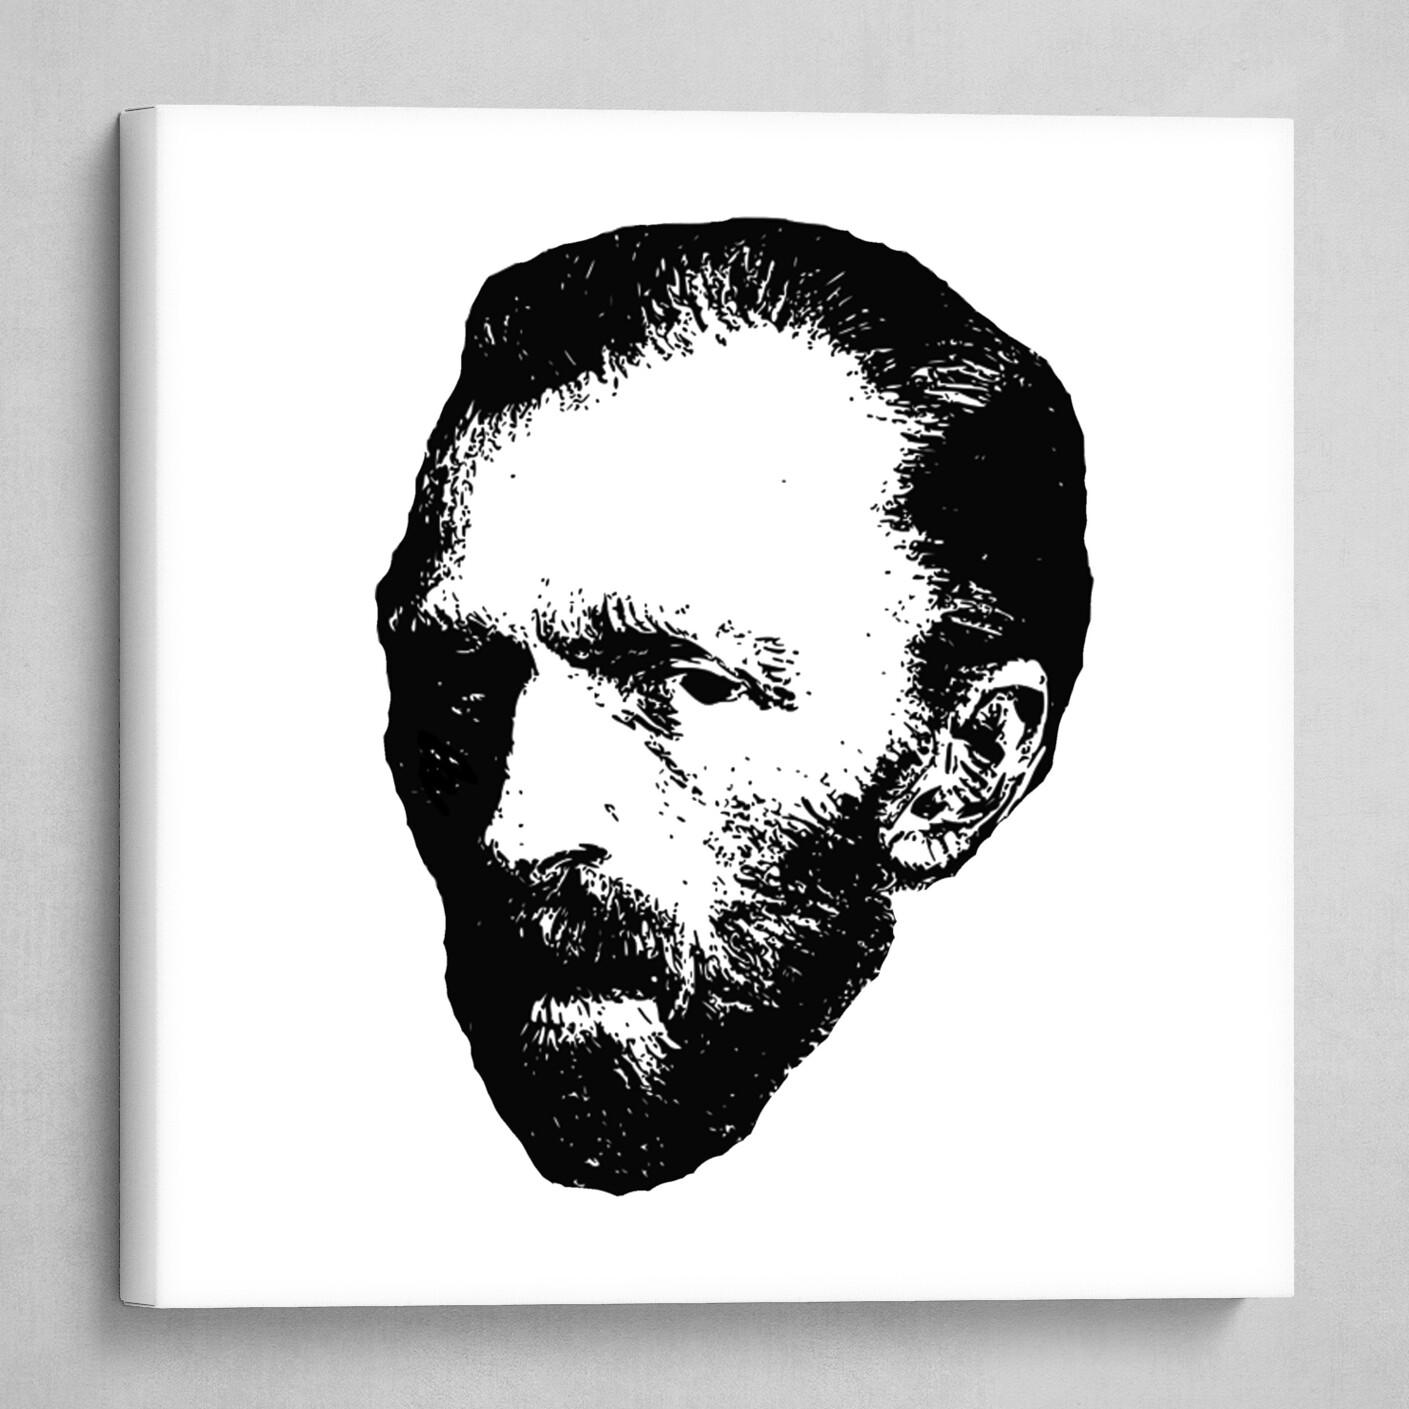 Stencil portrait of Van Gogh